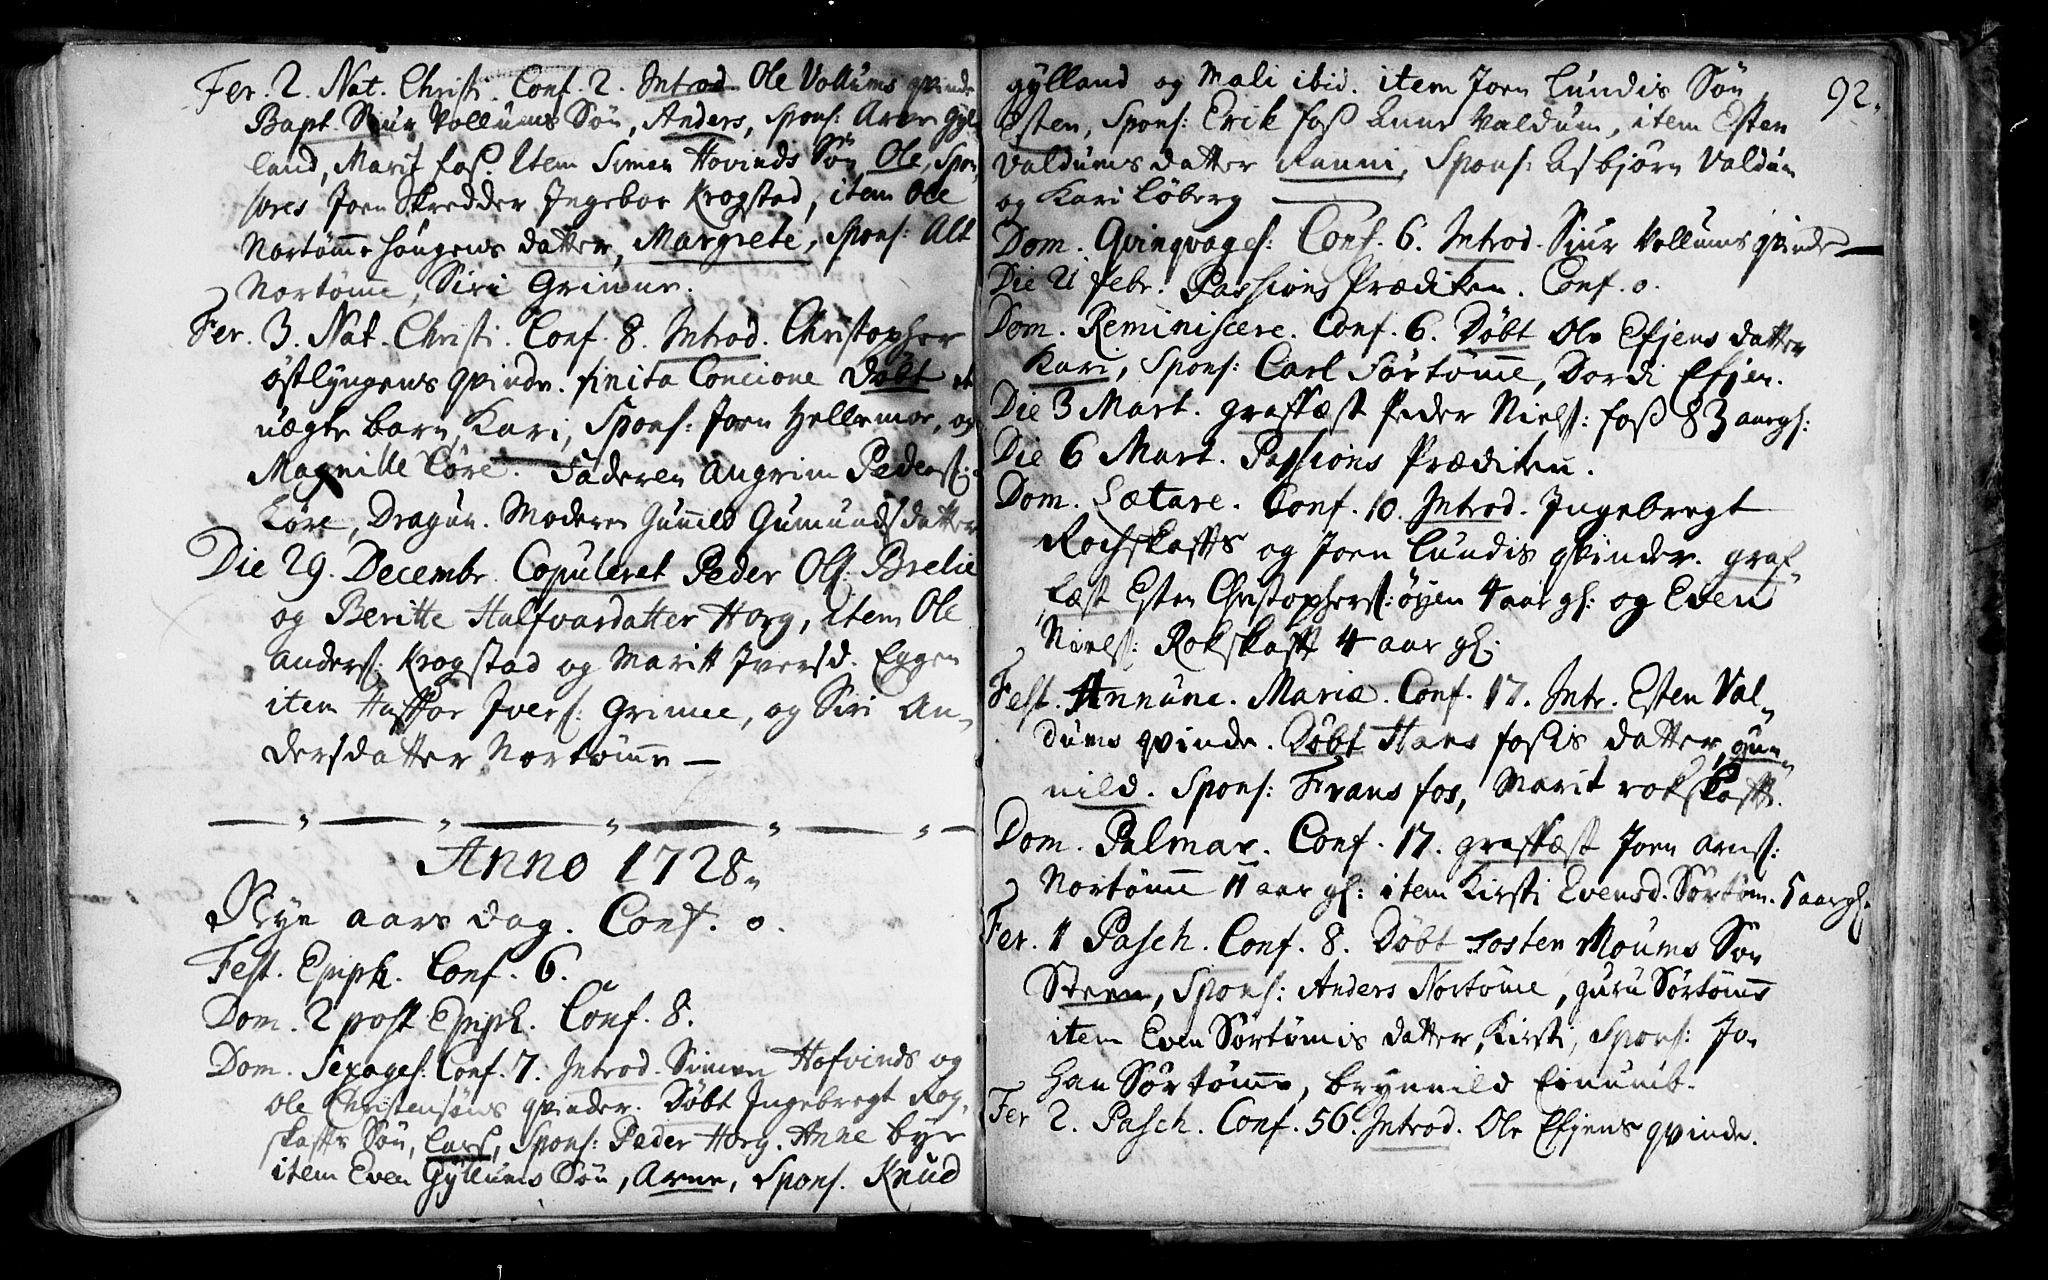 SAT, Ministerialprotokoller, klokkerbøker og fødselsregistre - Sør-Trøndelag, 692/L1101: Ministerialbok nr. 692A01, 1690-1746, s. 92